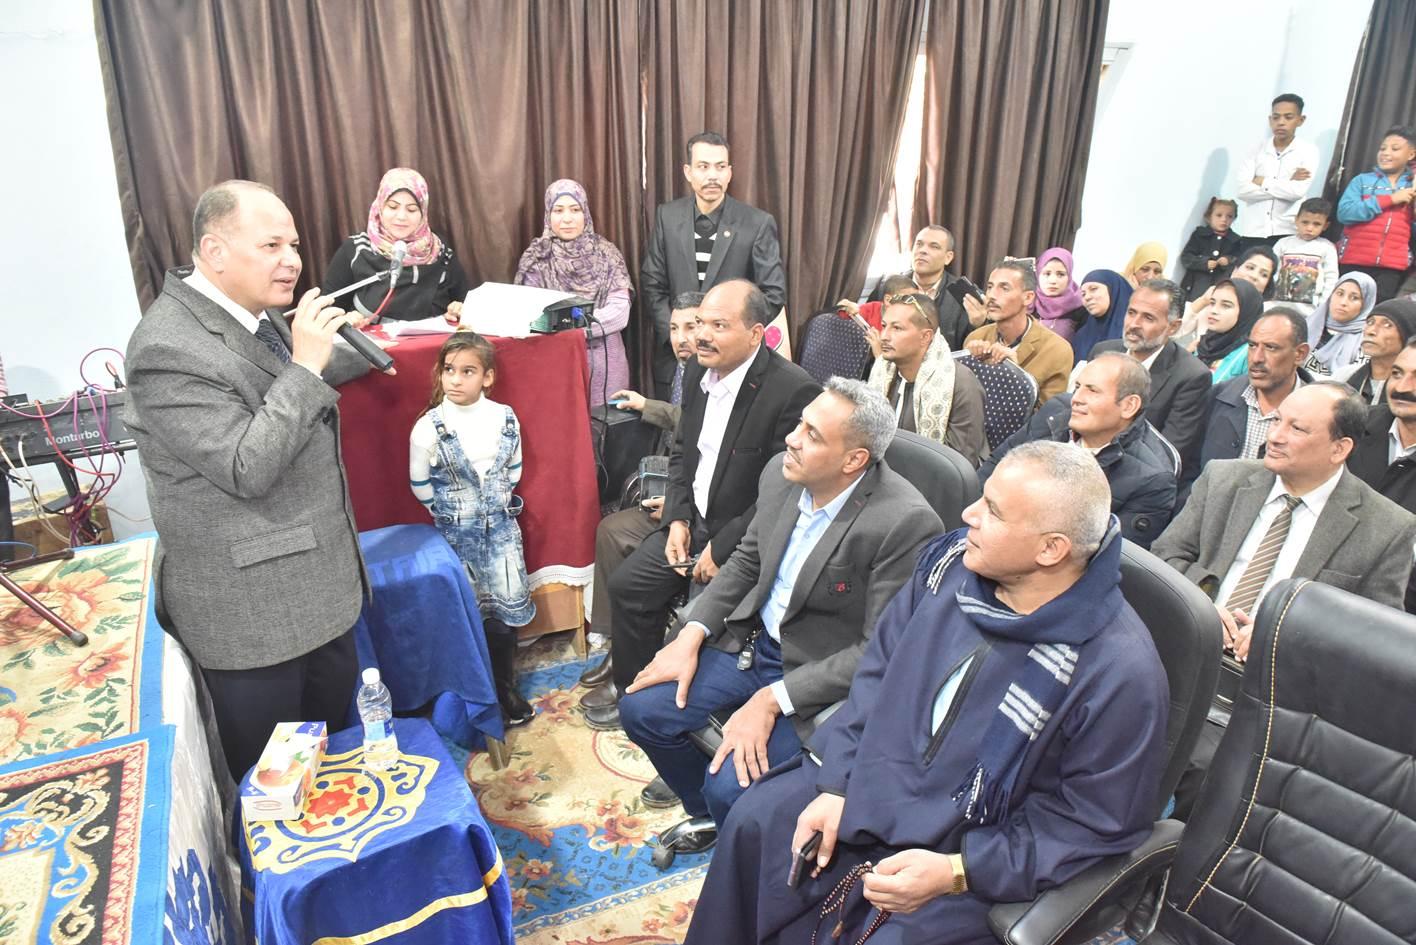 احتفالية مسابقة أجمل قرية بساحل سليم  (3)